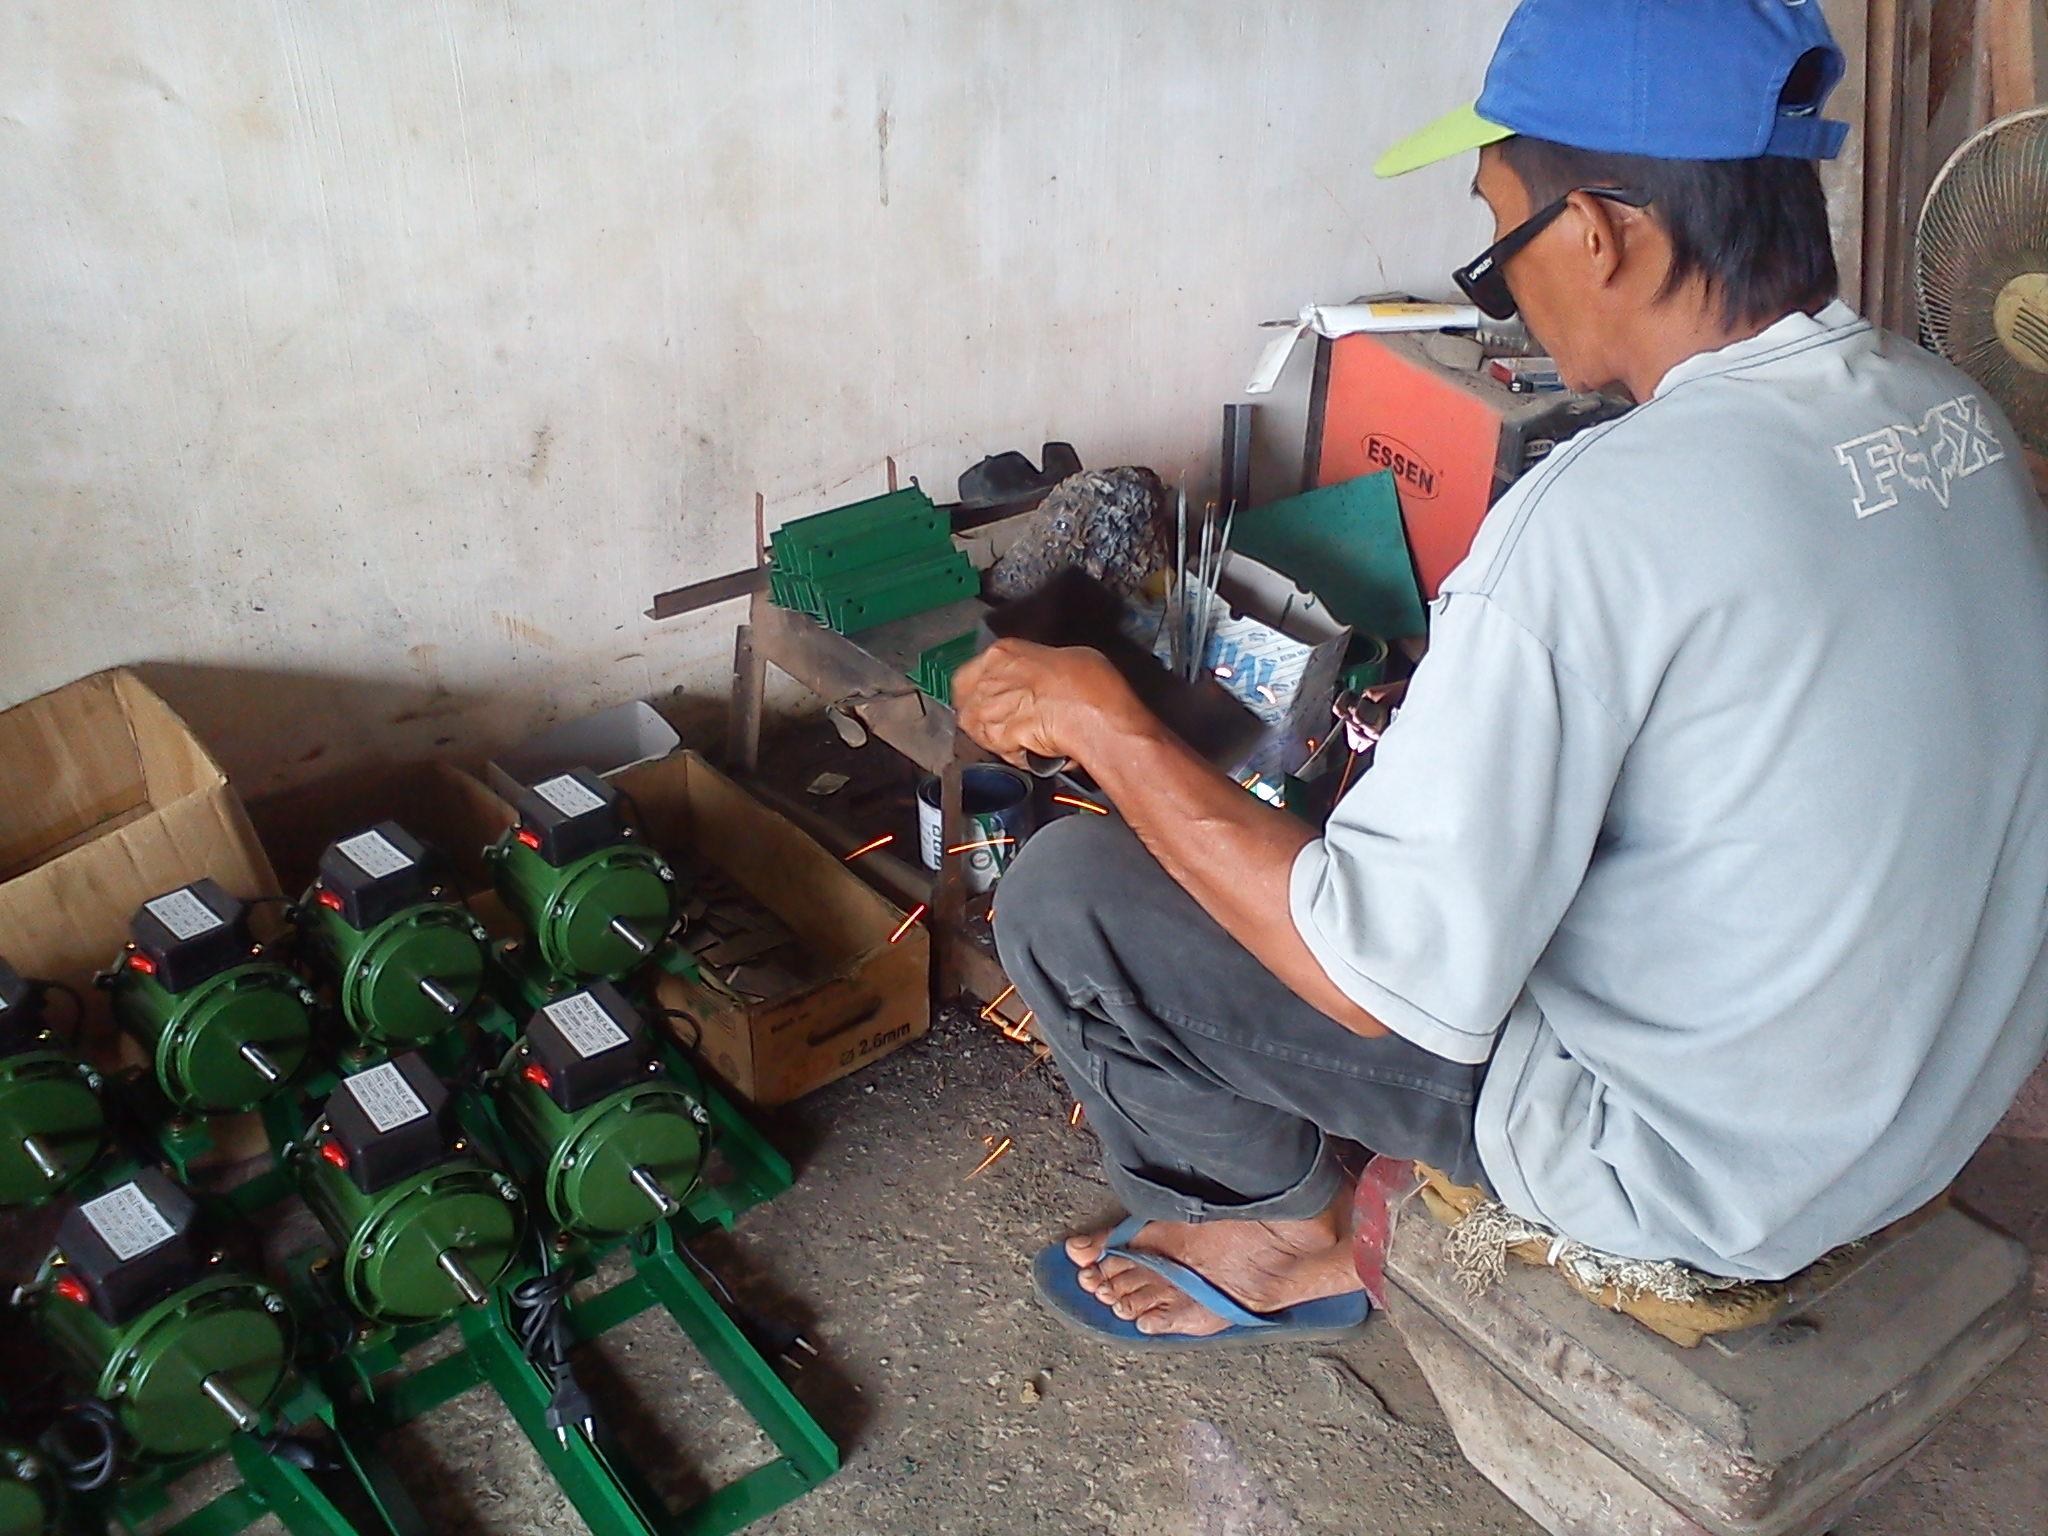 ... Harga mesin parut kelapa listrik serbaguna ...